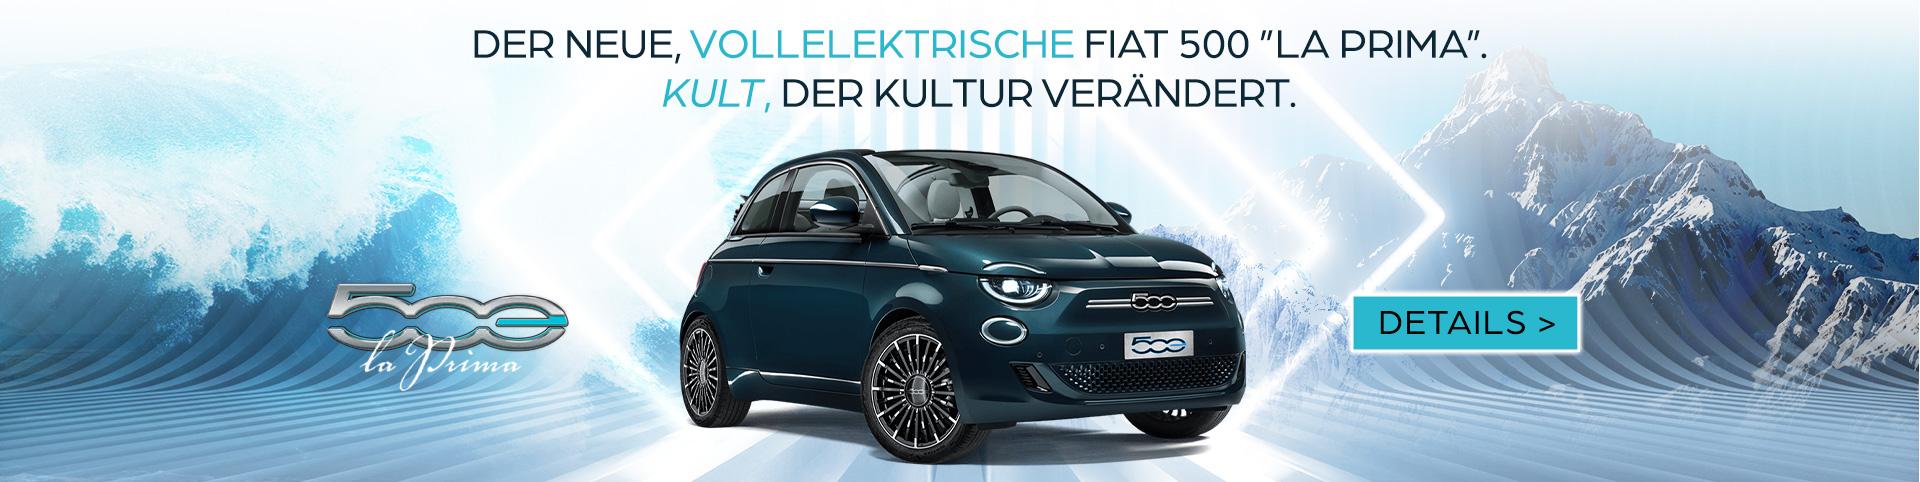 Fiat 500 La Prima 100% Eletro - Vorpremiere bei Preckel